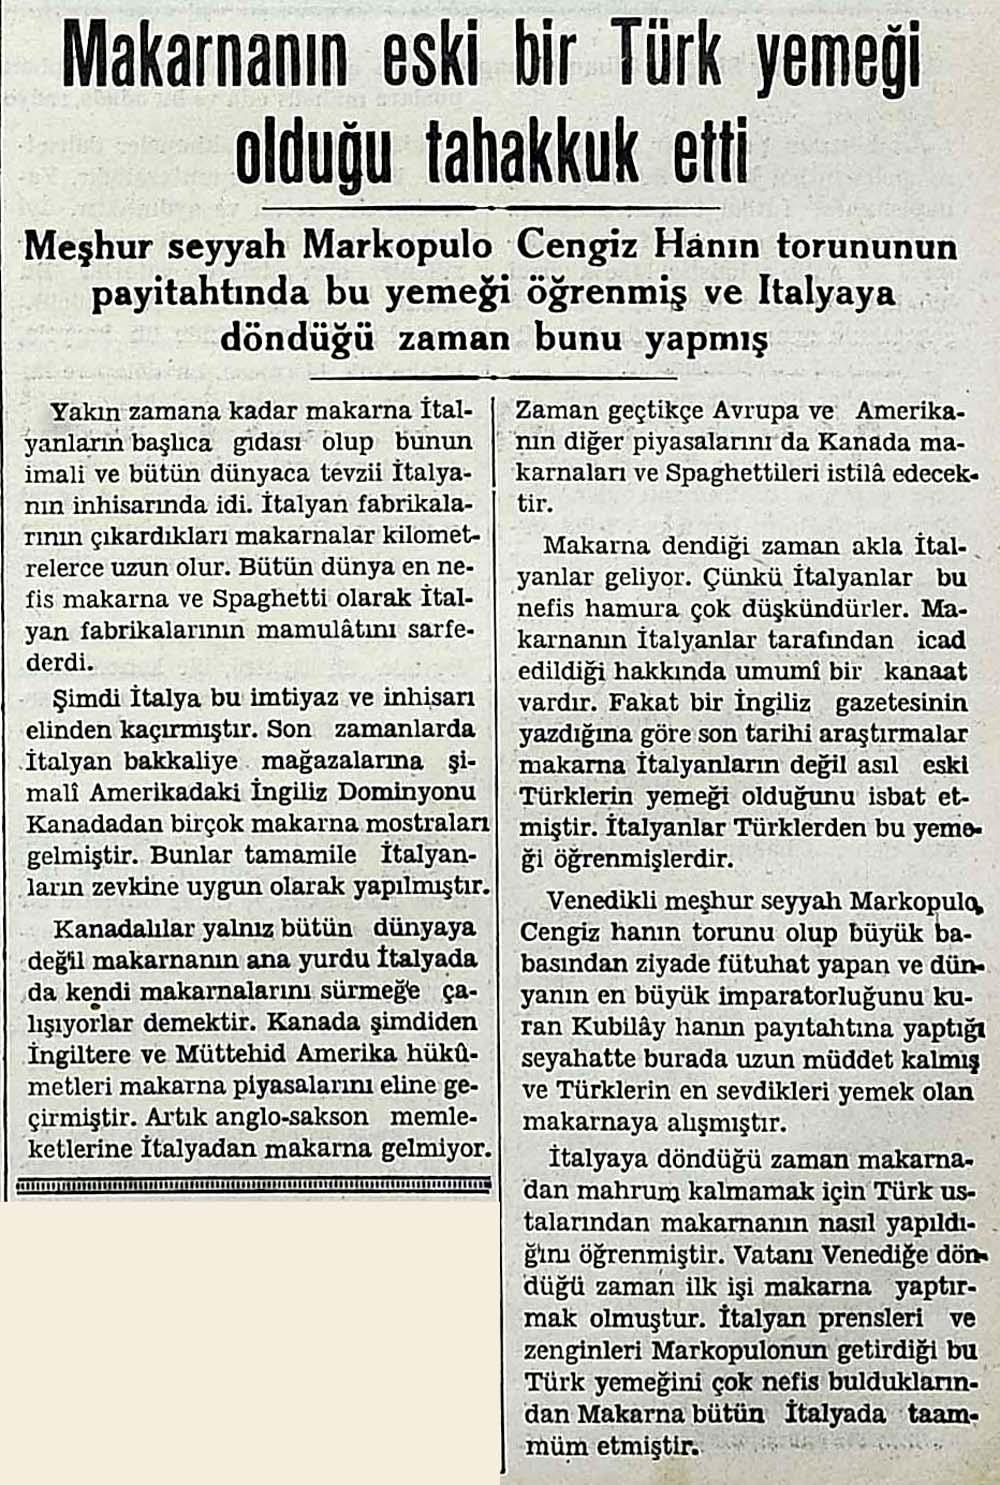 Makarnanın eski bir Türk yemeği olduğu tahakkuk etti